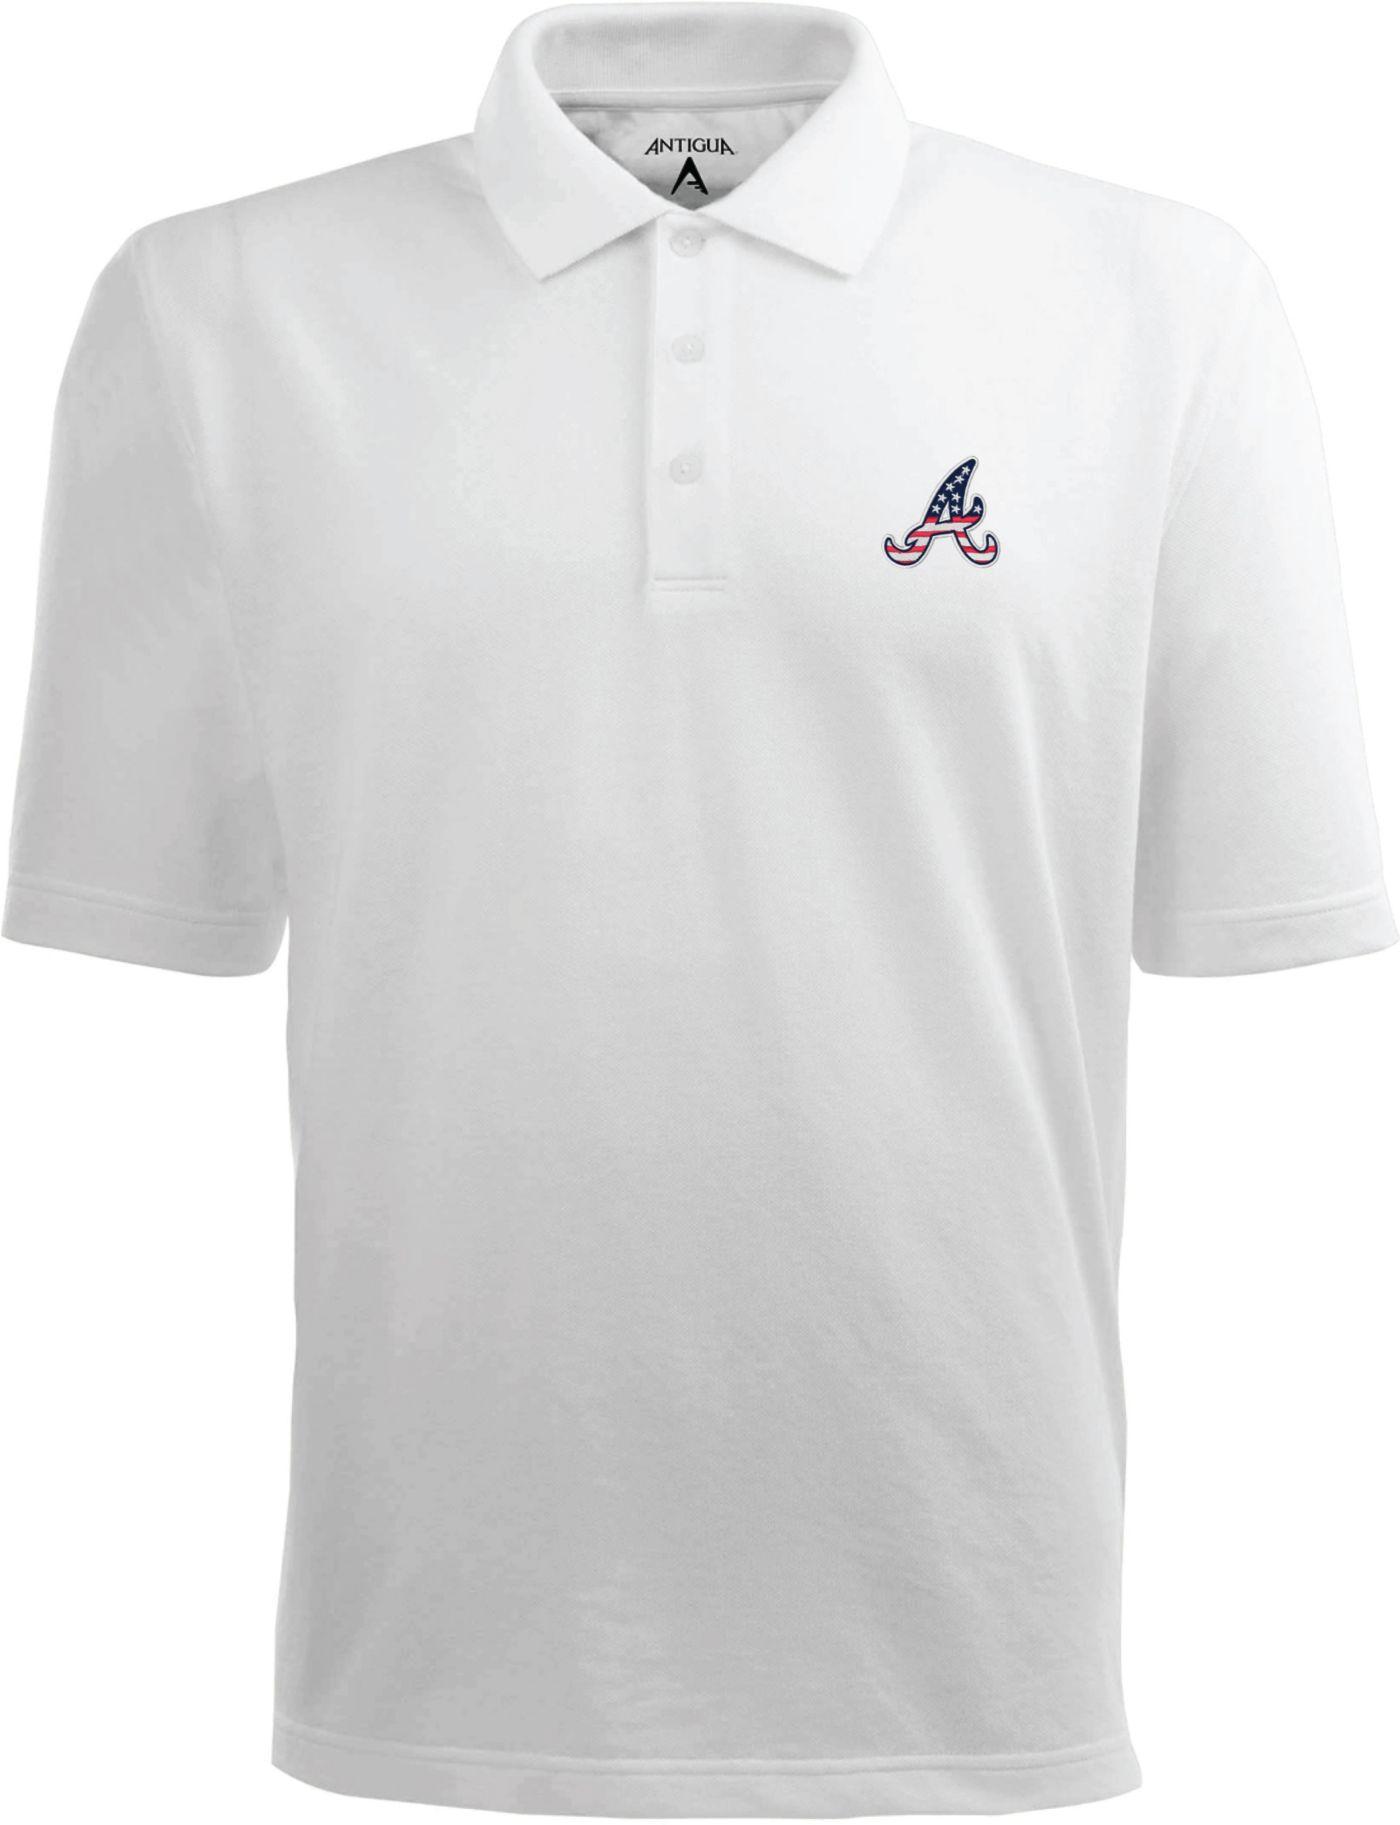 Antigua Men's Atlanta Braves Xtra-Lite Patriotic Logo White Pique Performance Polo